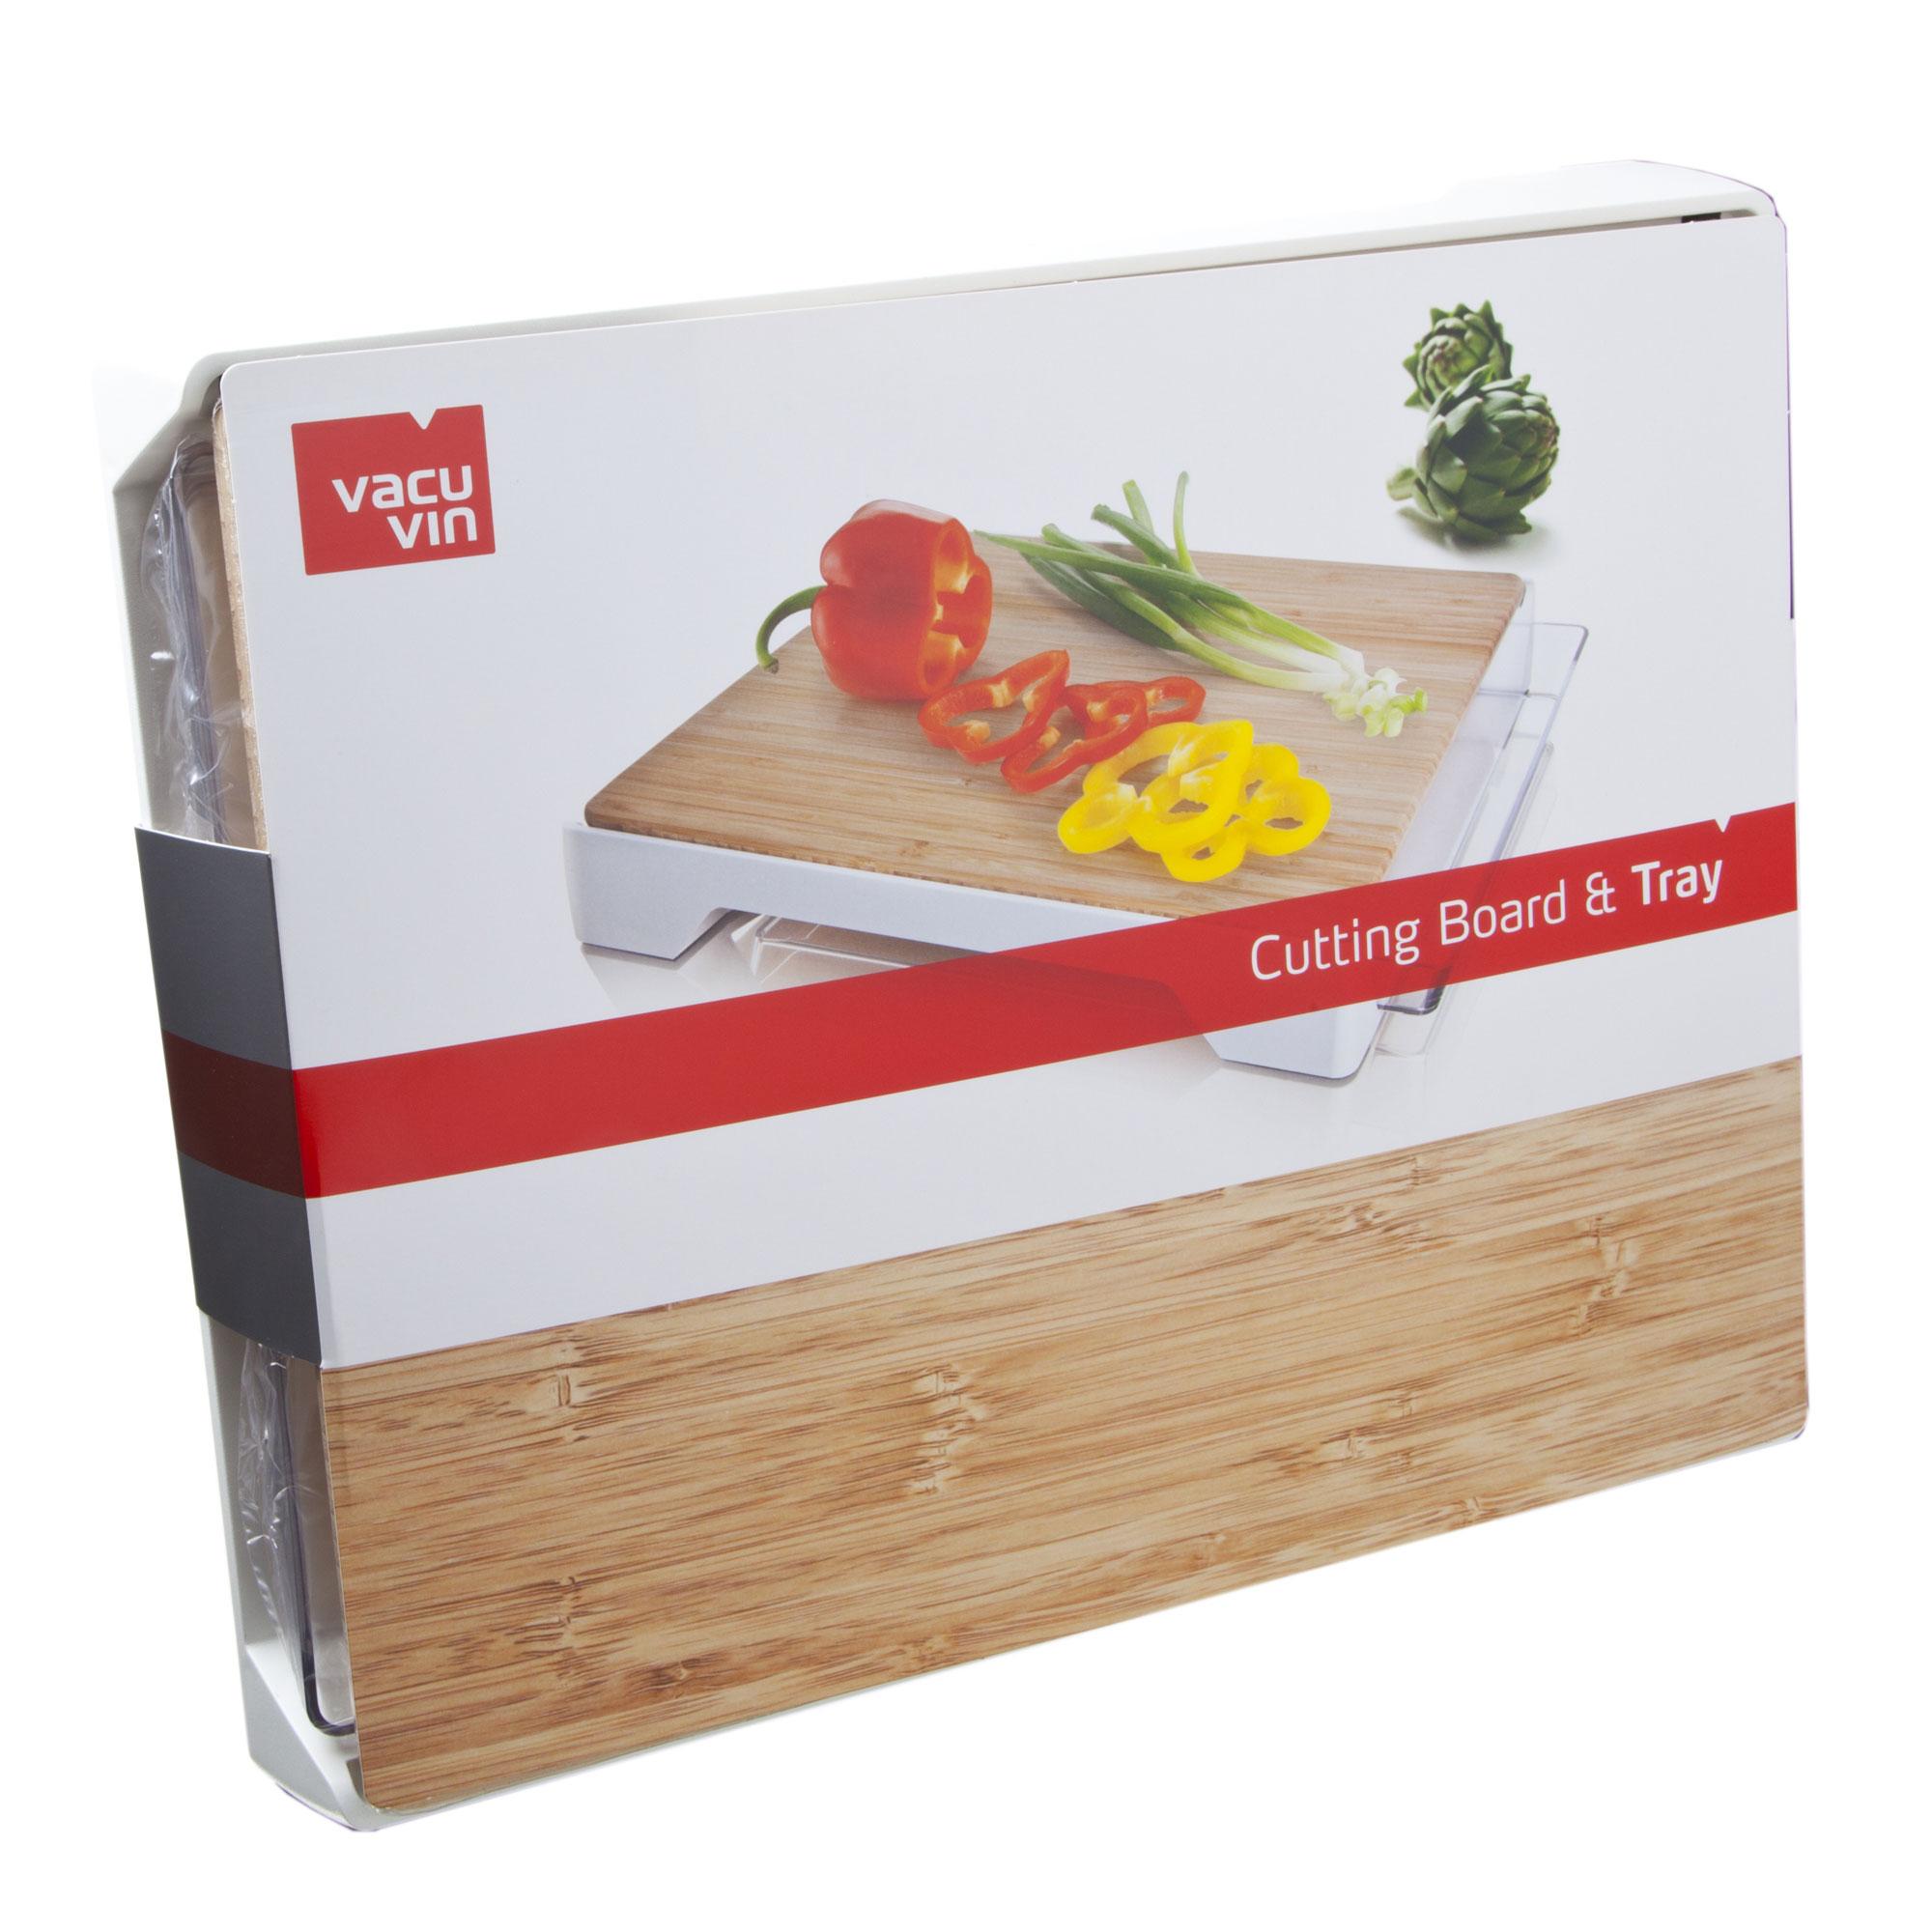 bdx vacuvin planche d couper tray en bambou avec bac de r cup ration comparer avec. Black Bedroom Furniture Sets. Home Design Ideas